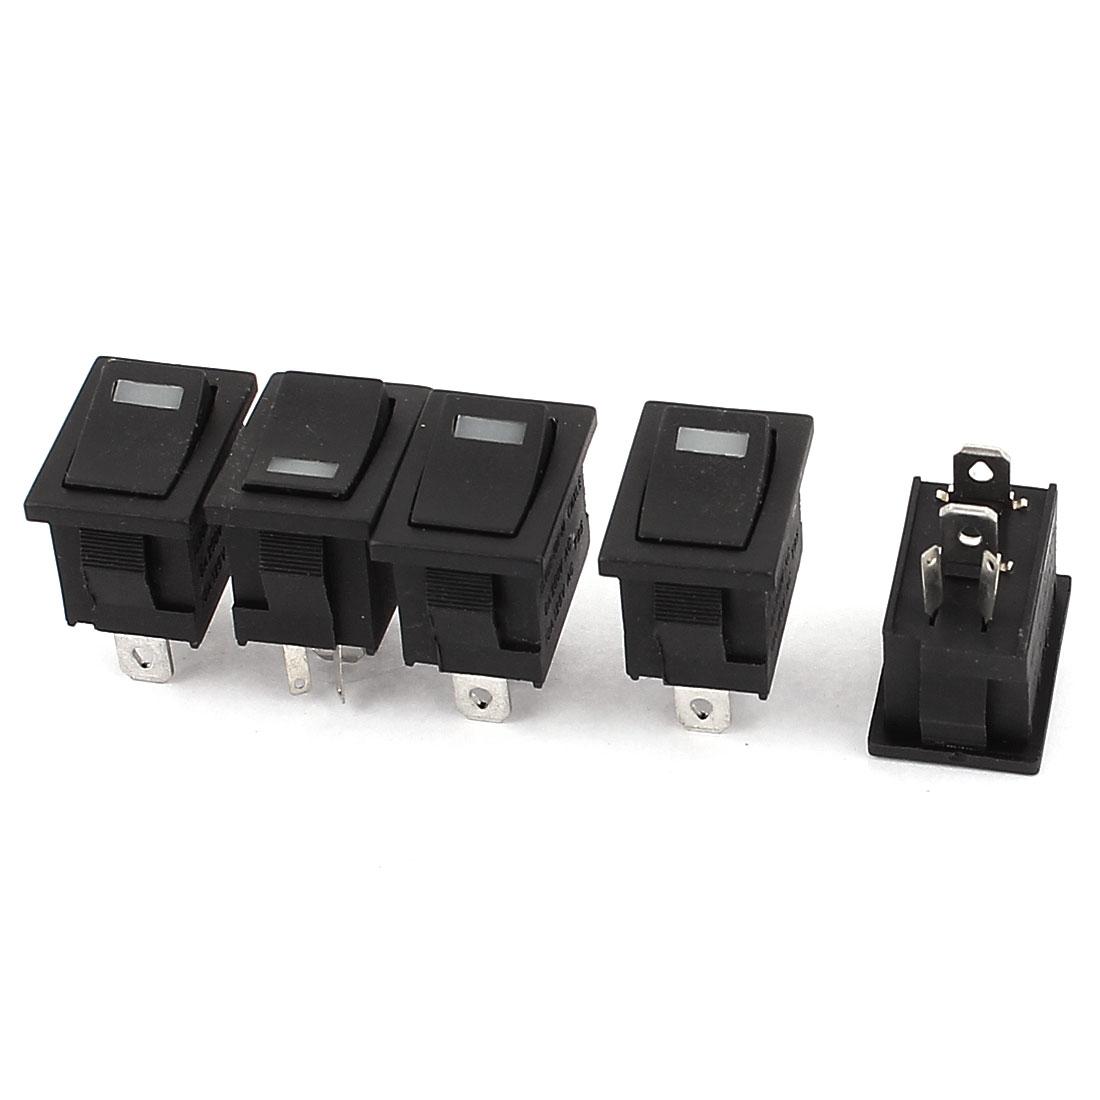 Car SPST ON-OFF Indicator Light Rocker Toggle Switch AC 250V 6A 125V 10A 5PCS